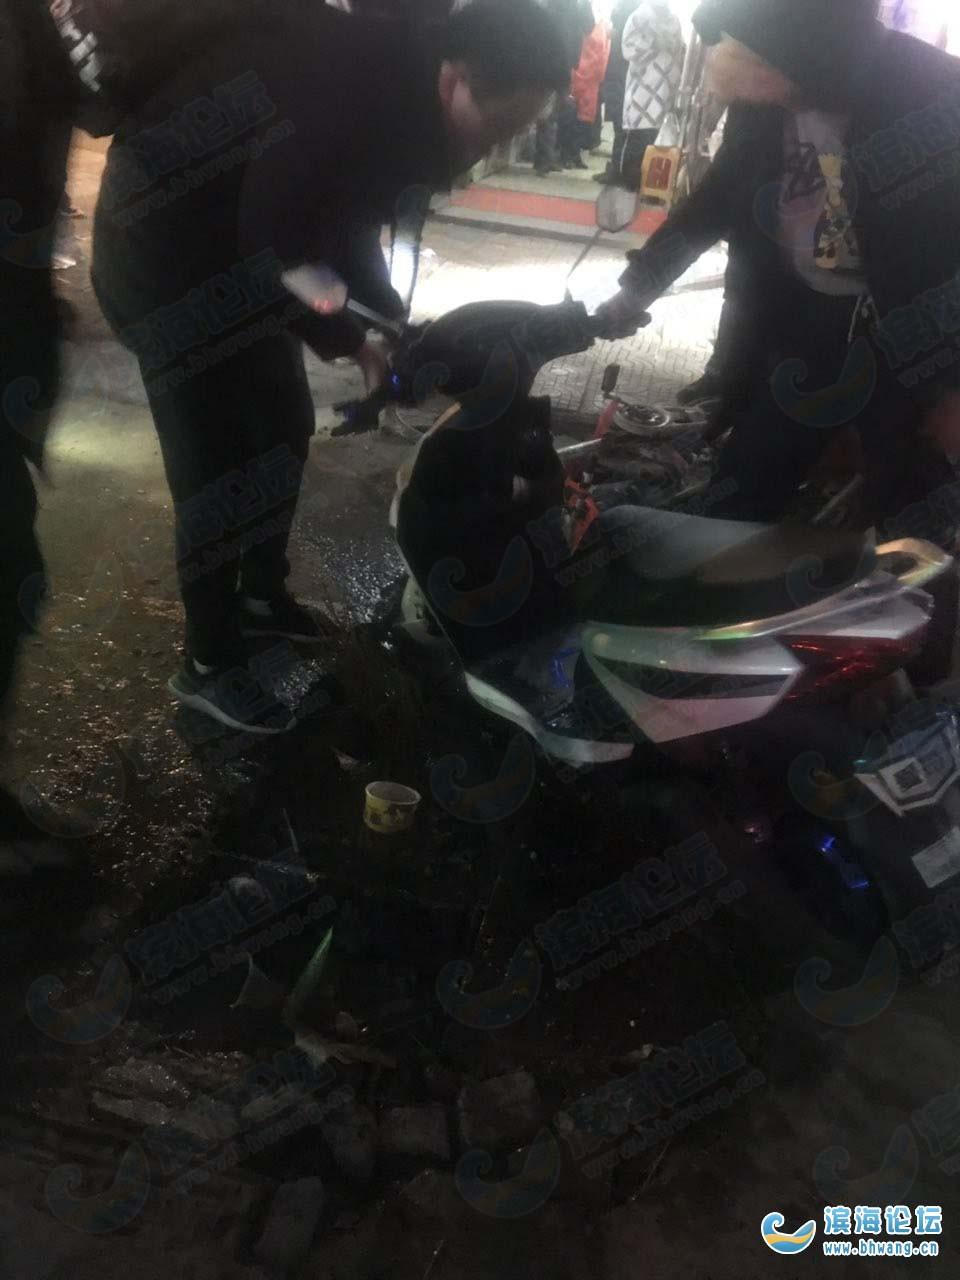 有关部门就是不管 银厦广场又一个摔倒了 今晚刚才发生的